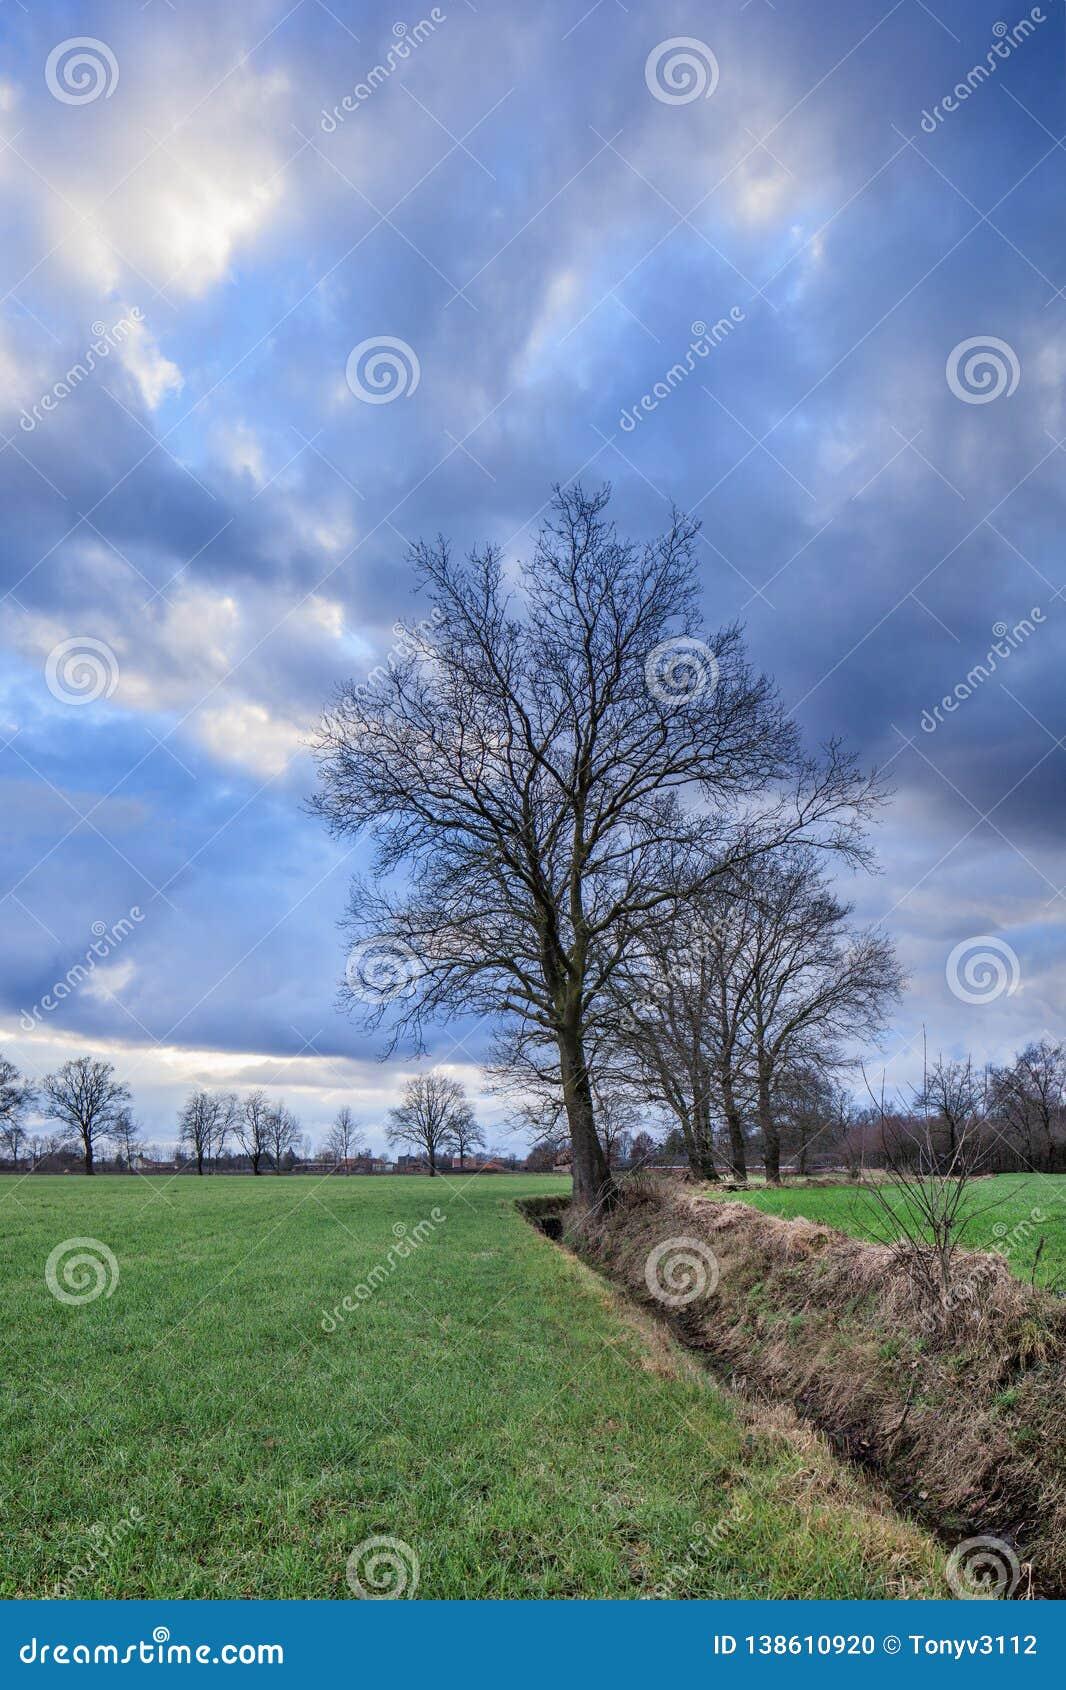 Ländliche Landschaft, Feld mit Bäumen nahe einem Abzugsgraben mit drastischen Wolken in der Dämmerung, Weelde, Flandern, Belgien